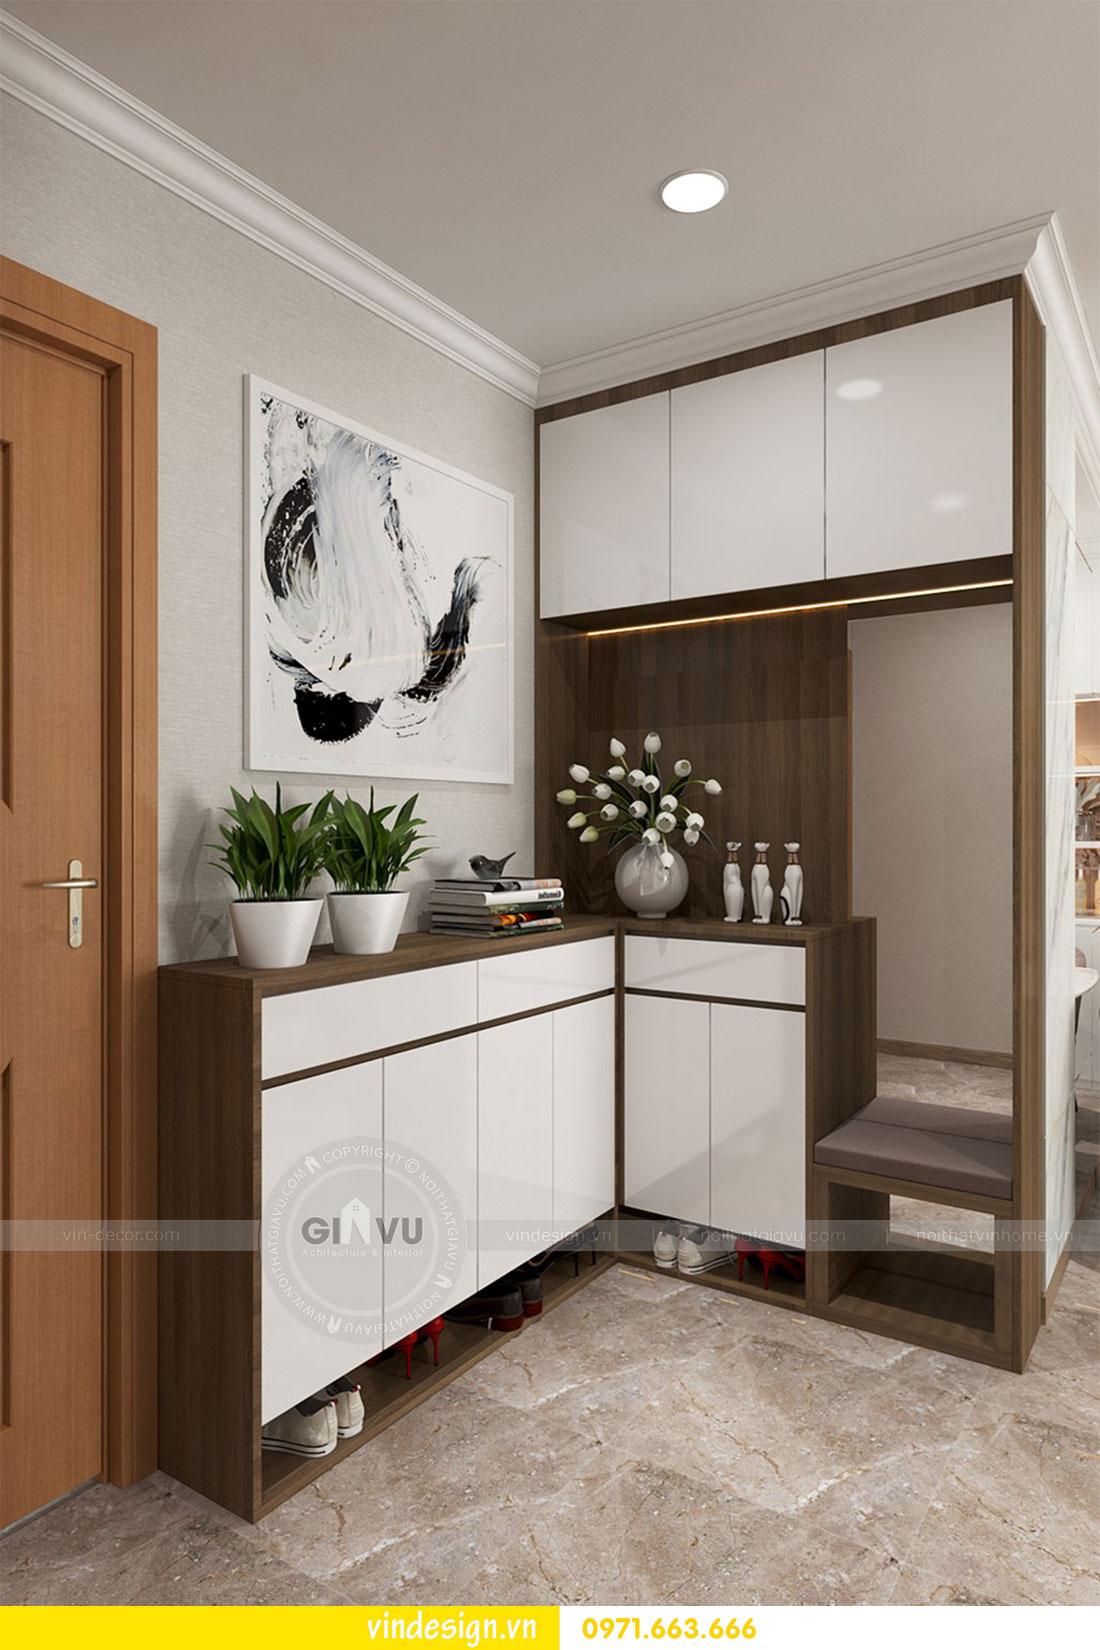 mẫu thiết kế nội thất chung cư được áp dụng nhiều năm 2018 05